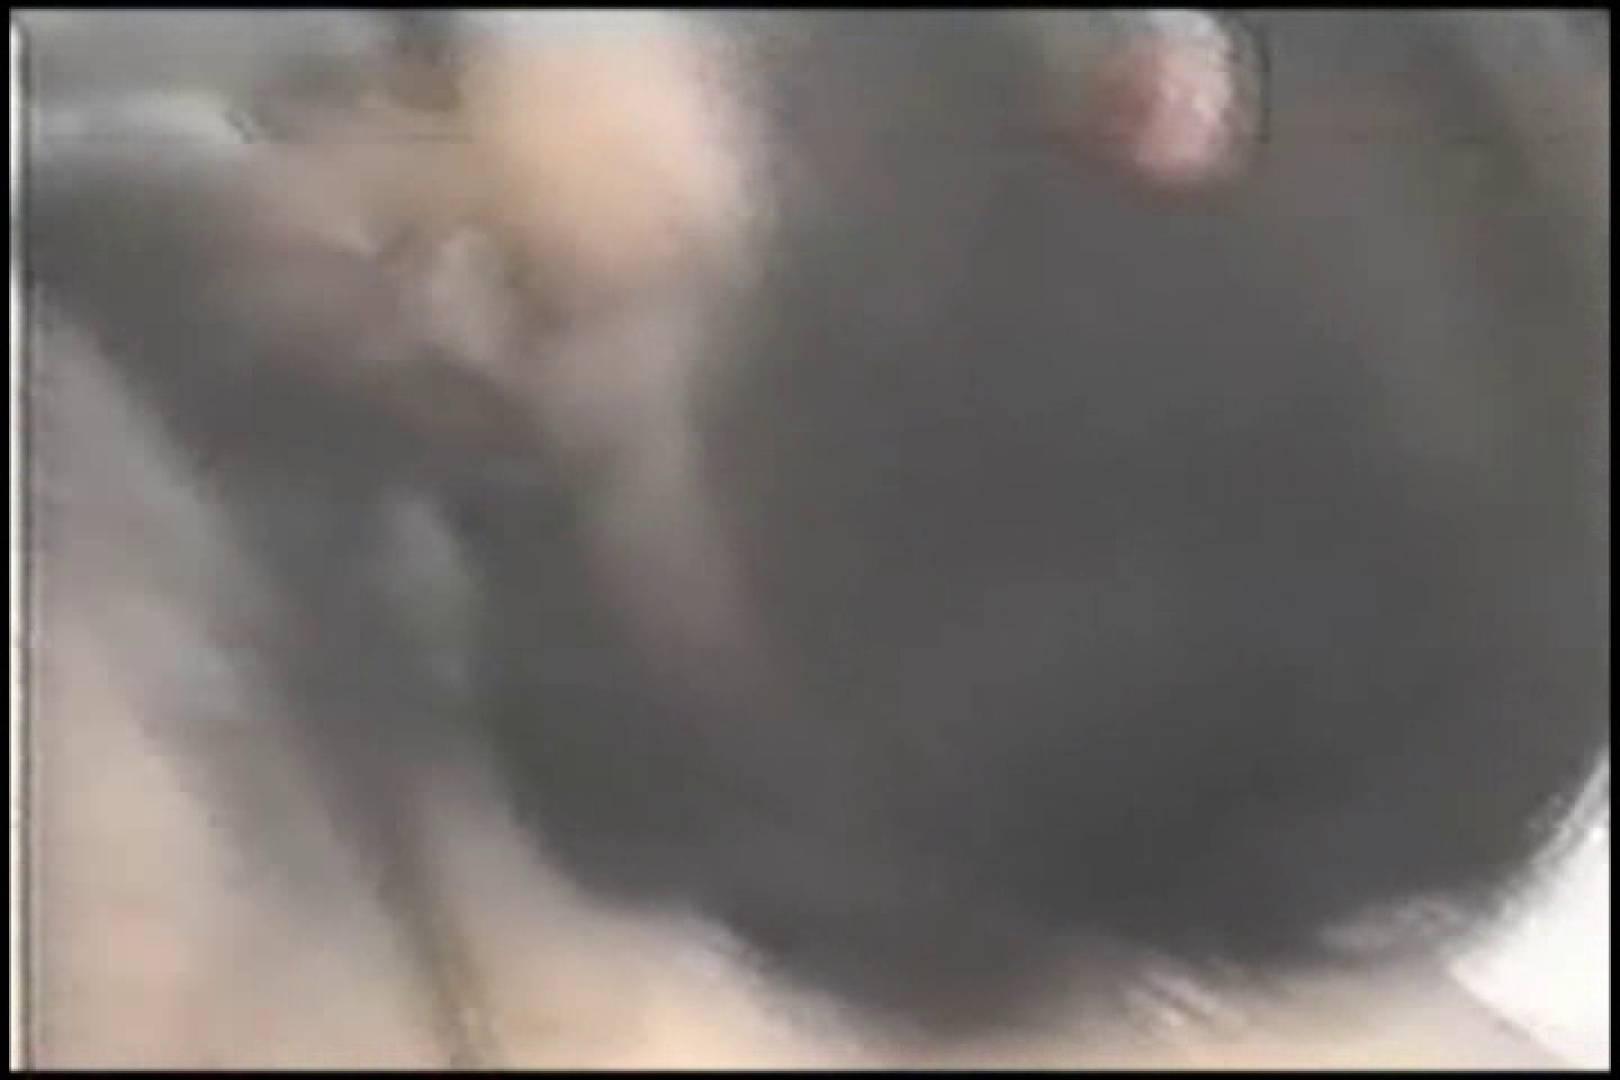 前後不覚に酔っている女を撮影する鬼畜親父 鬼畜 盗み撮り動画 82枚 74